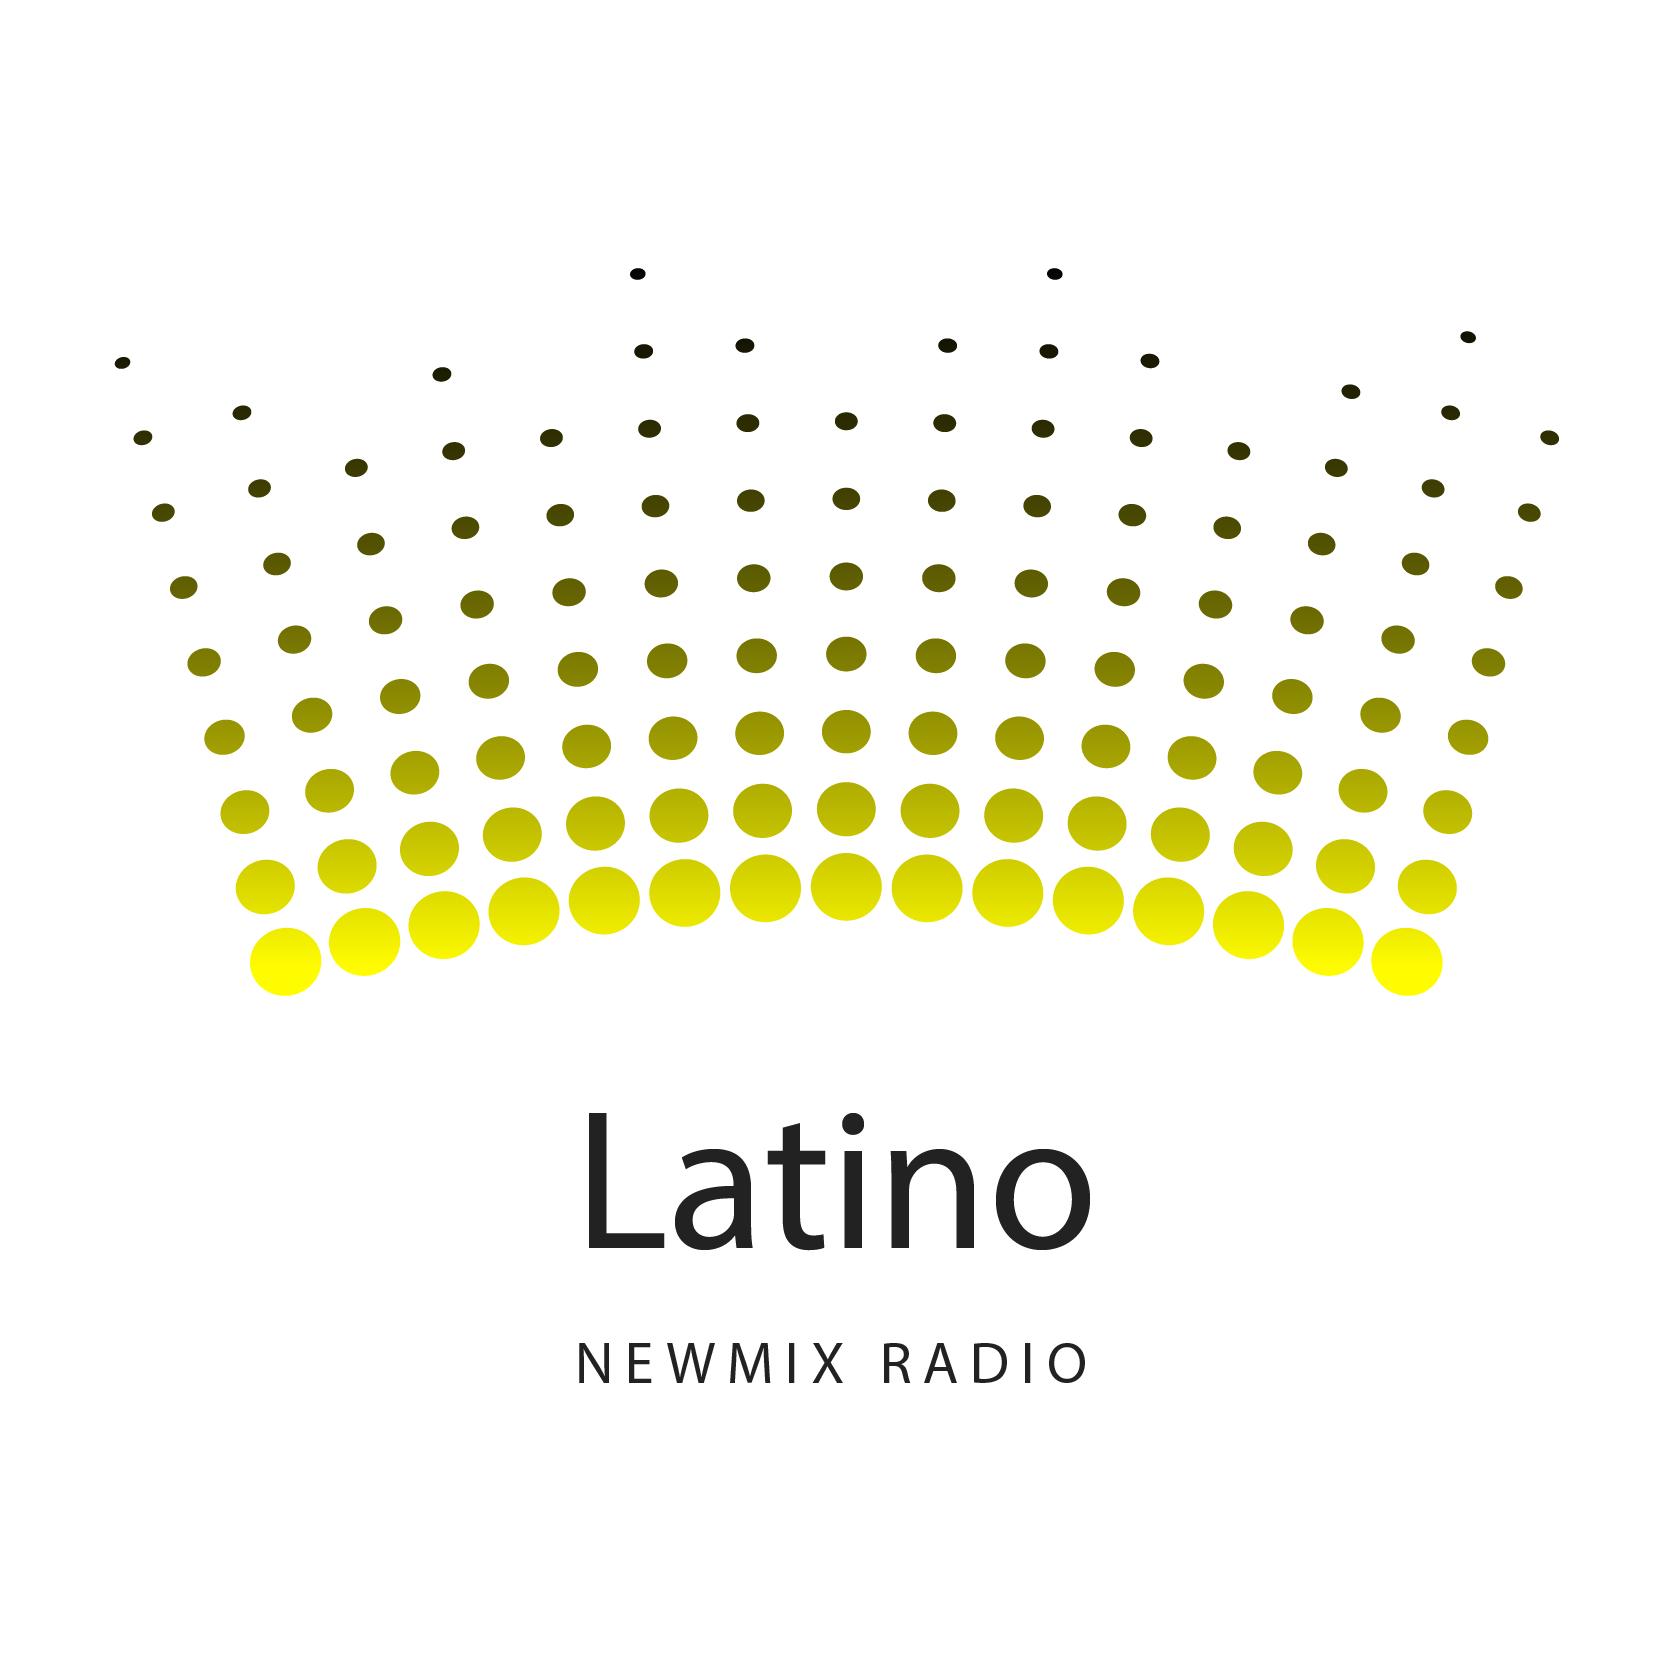 A_A Latino